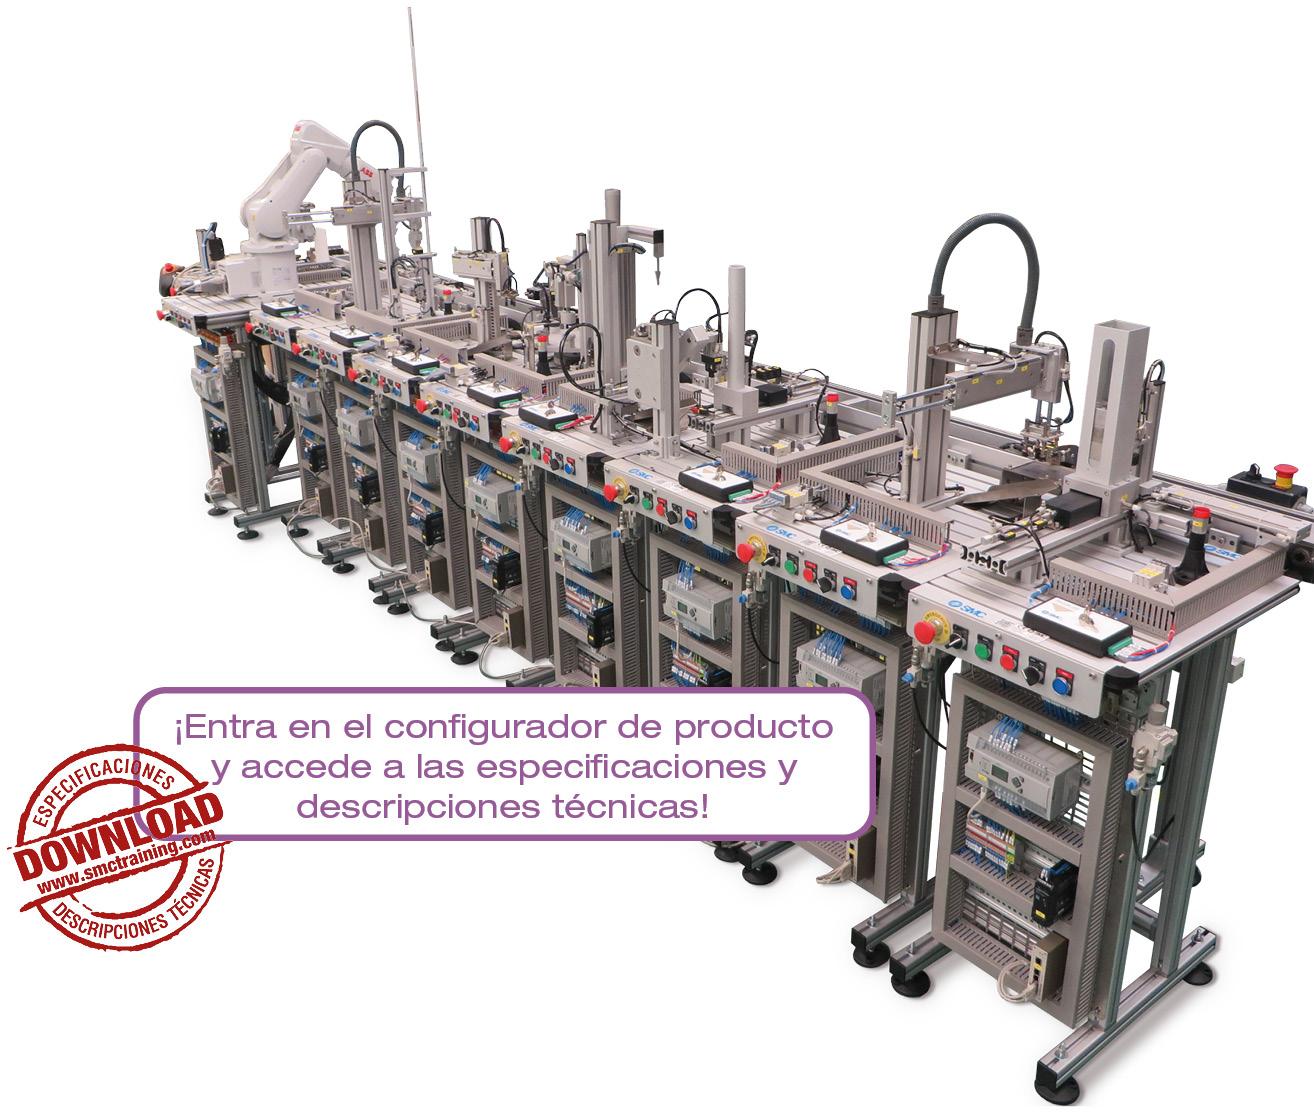 FAS-200 - Equipamiento didáctico flexible y compacto para la capacitación en mecatrónica y automatización, con múltiples tecnologías en el mismo sistema.